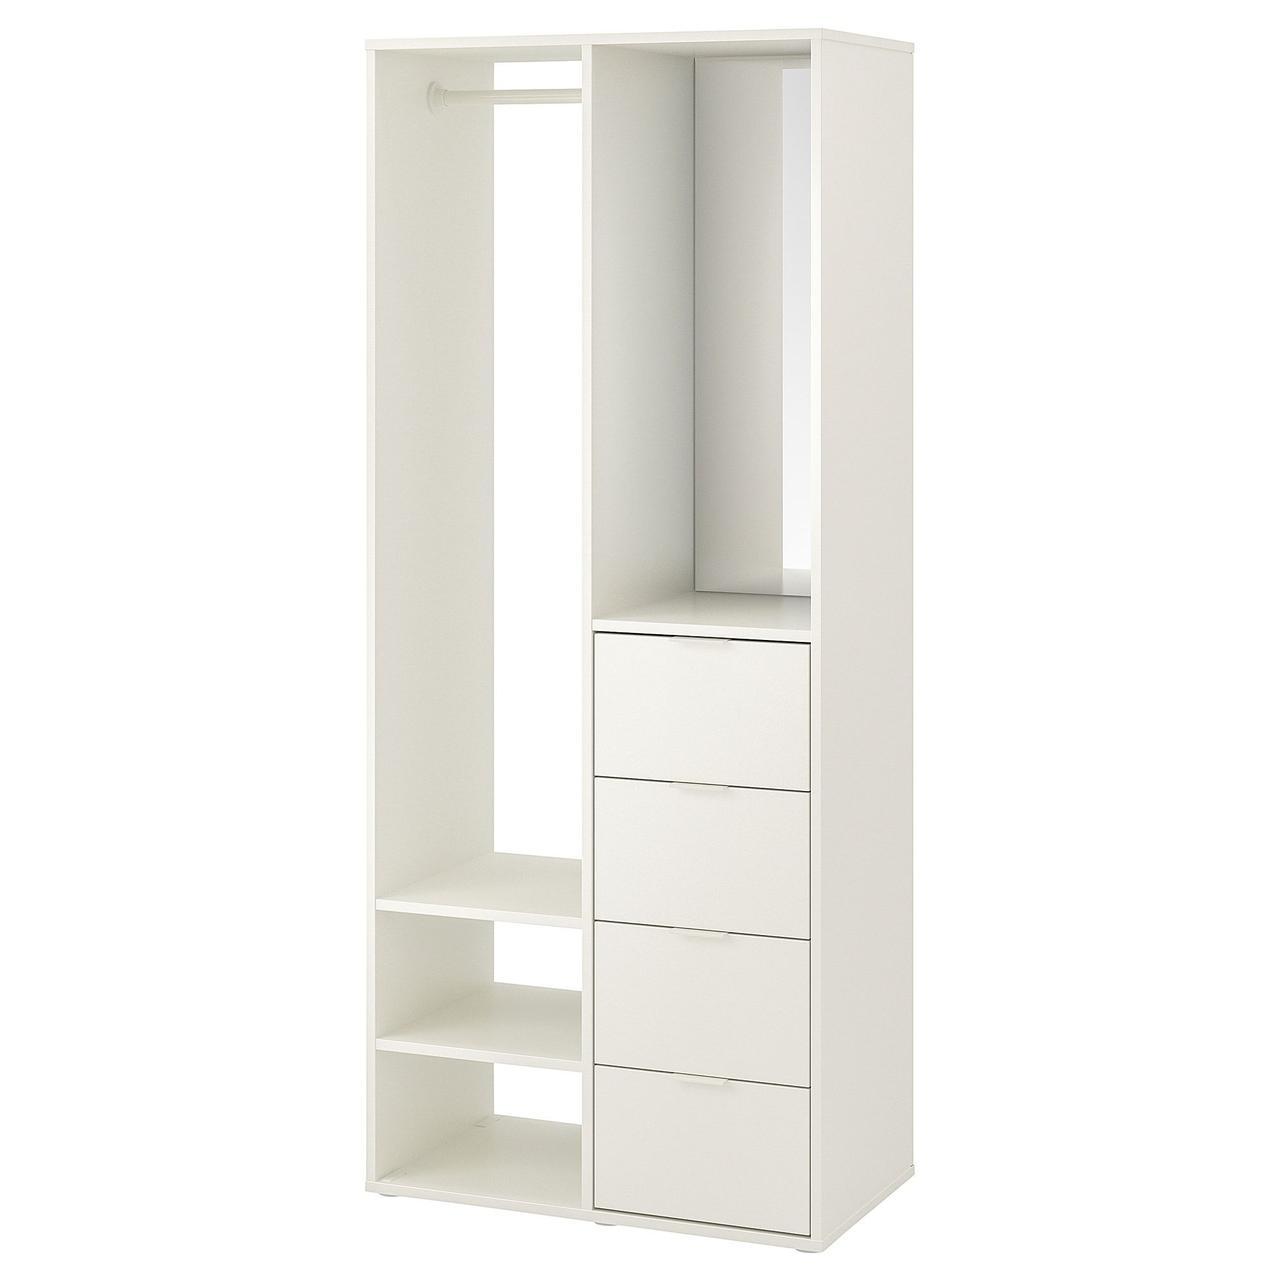 Відкрита гардеробна шафа 79x44x187 см SUNDLANDET